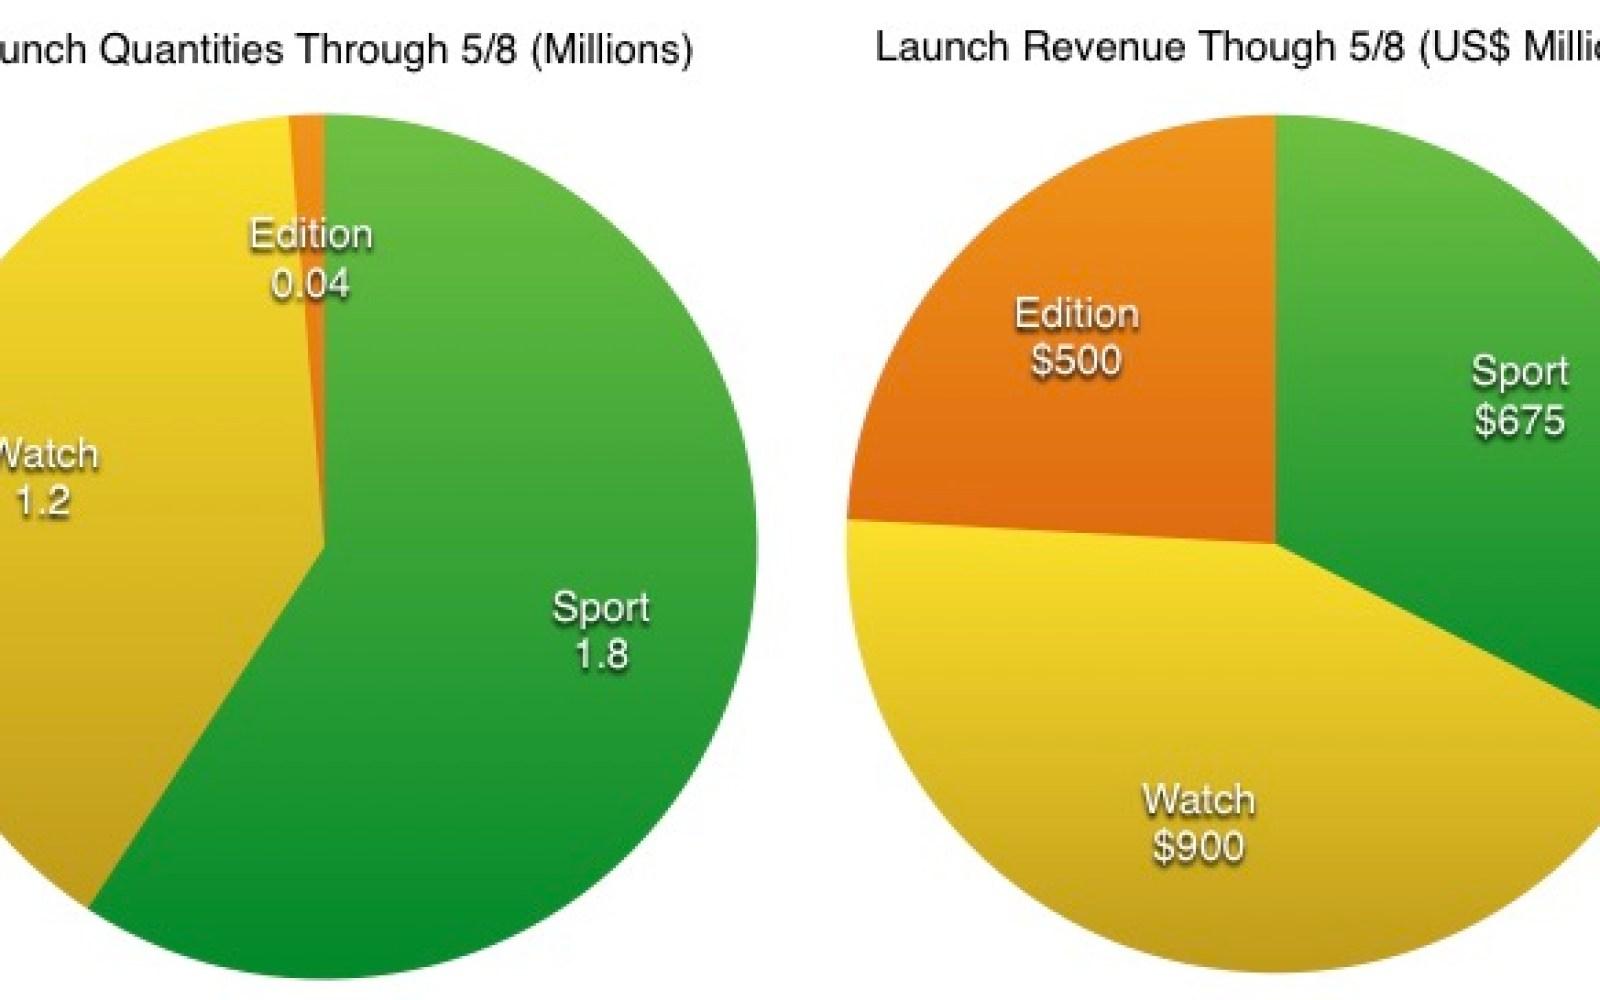 Latest Apple Watch estimates: 3M sales, $2B revenue, Apple's most profitable product ever